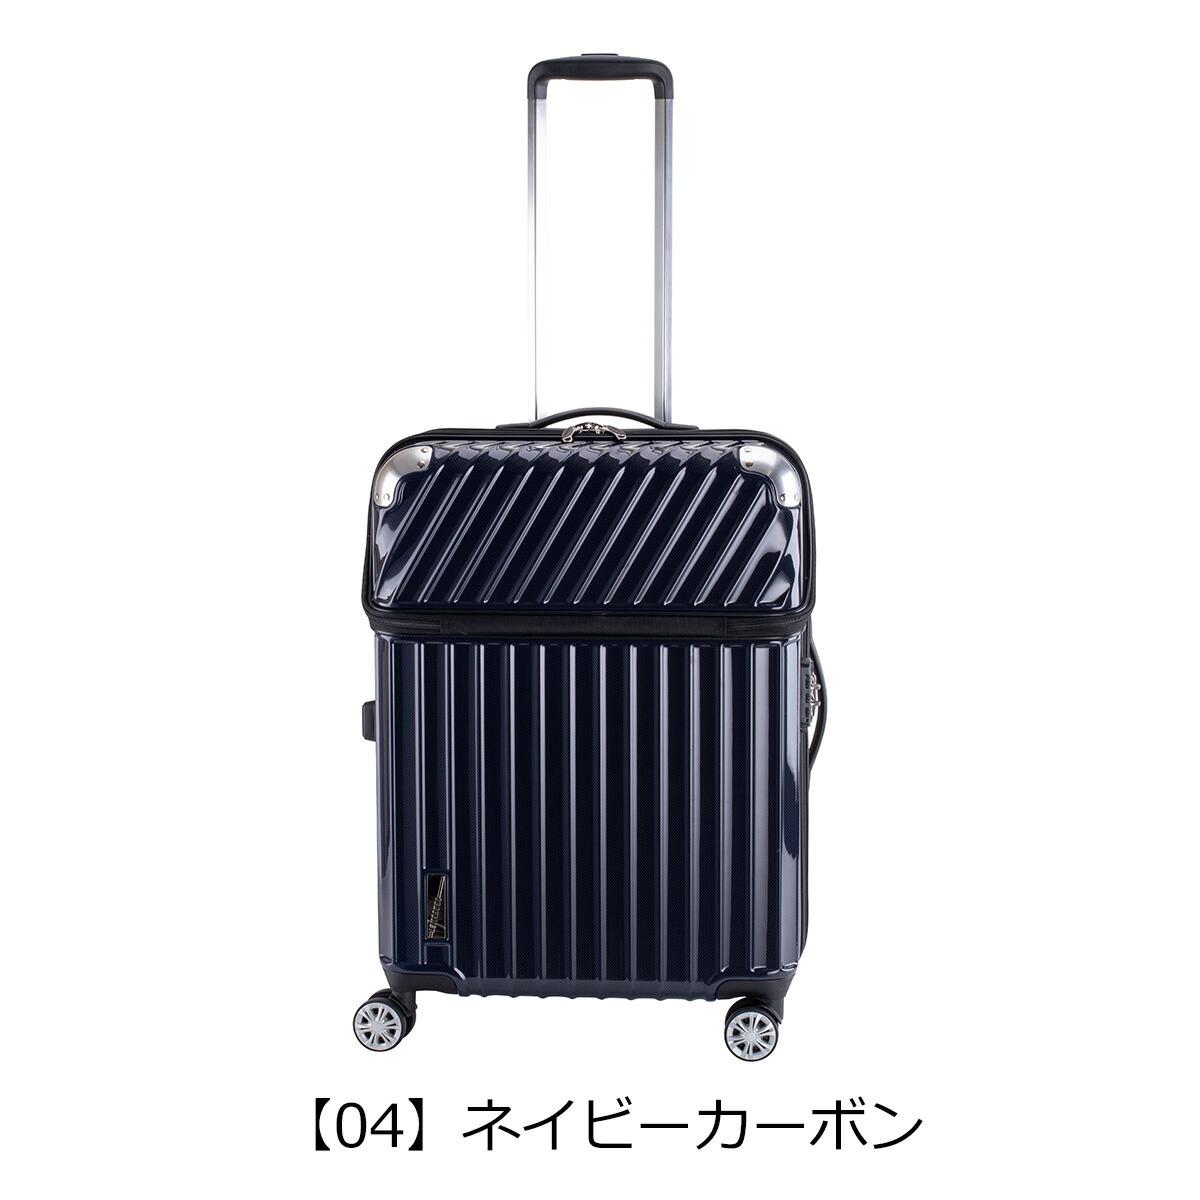 【04】ネイビーカーボン